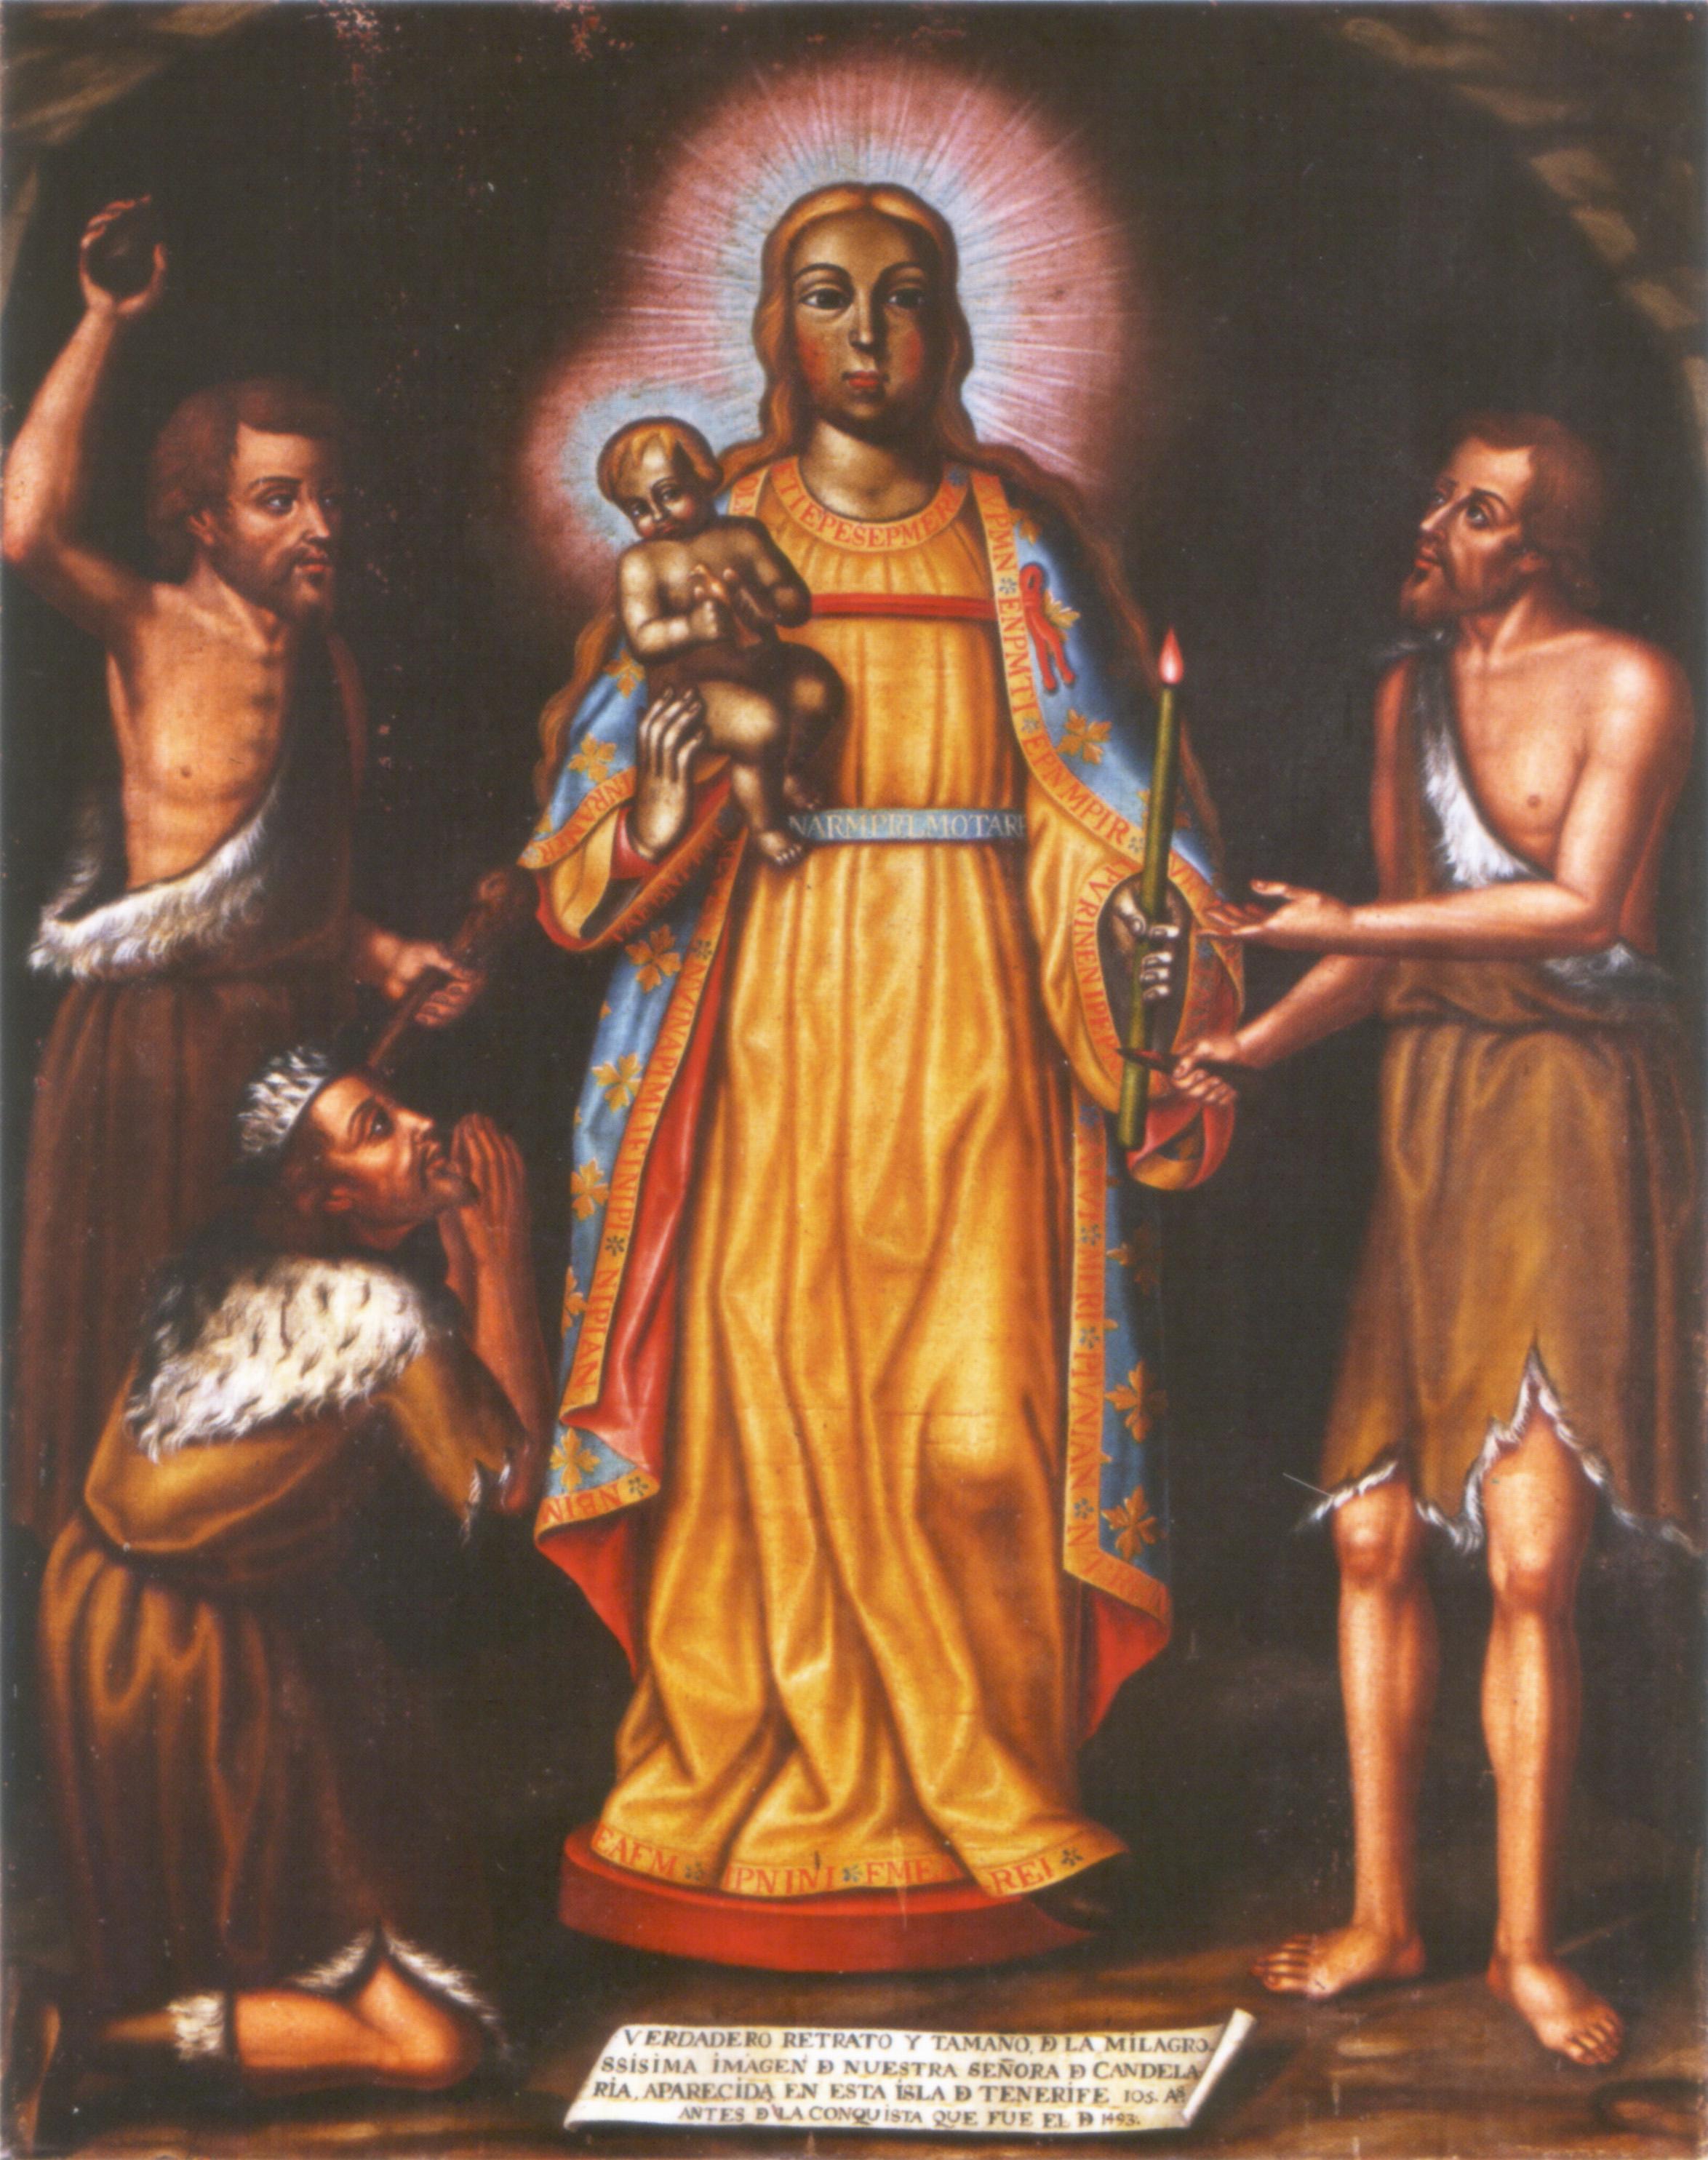 Resultado de imagen para virgen de la candelaria